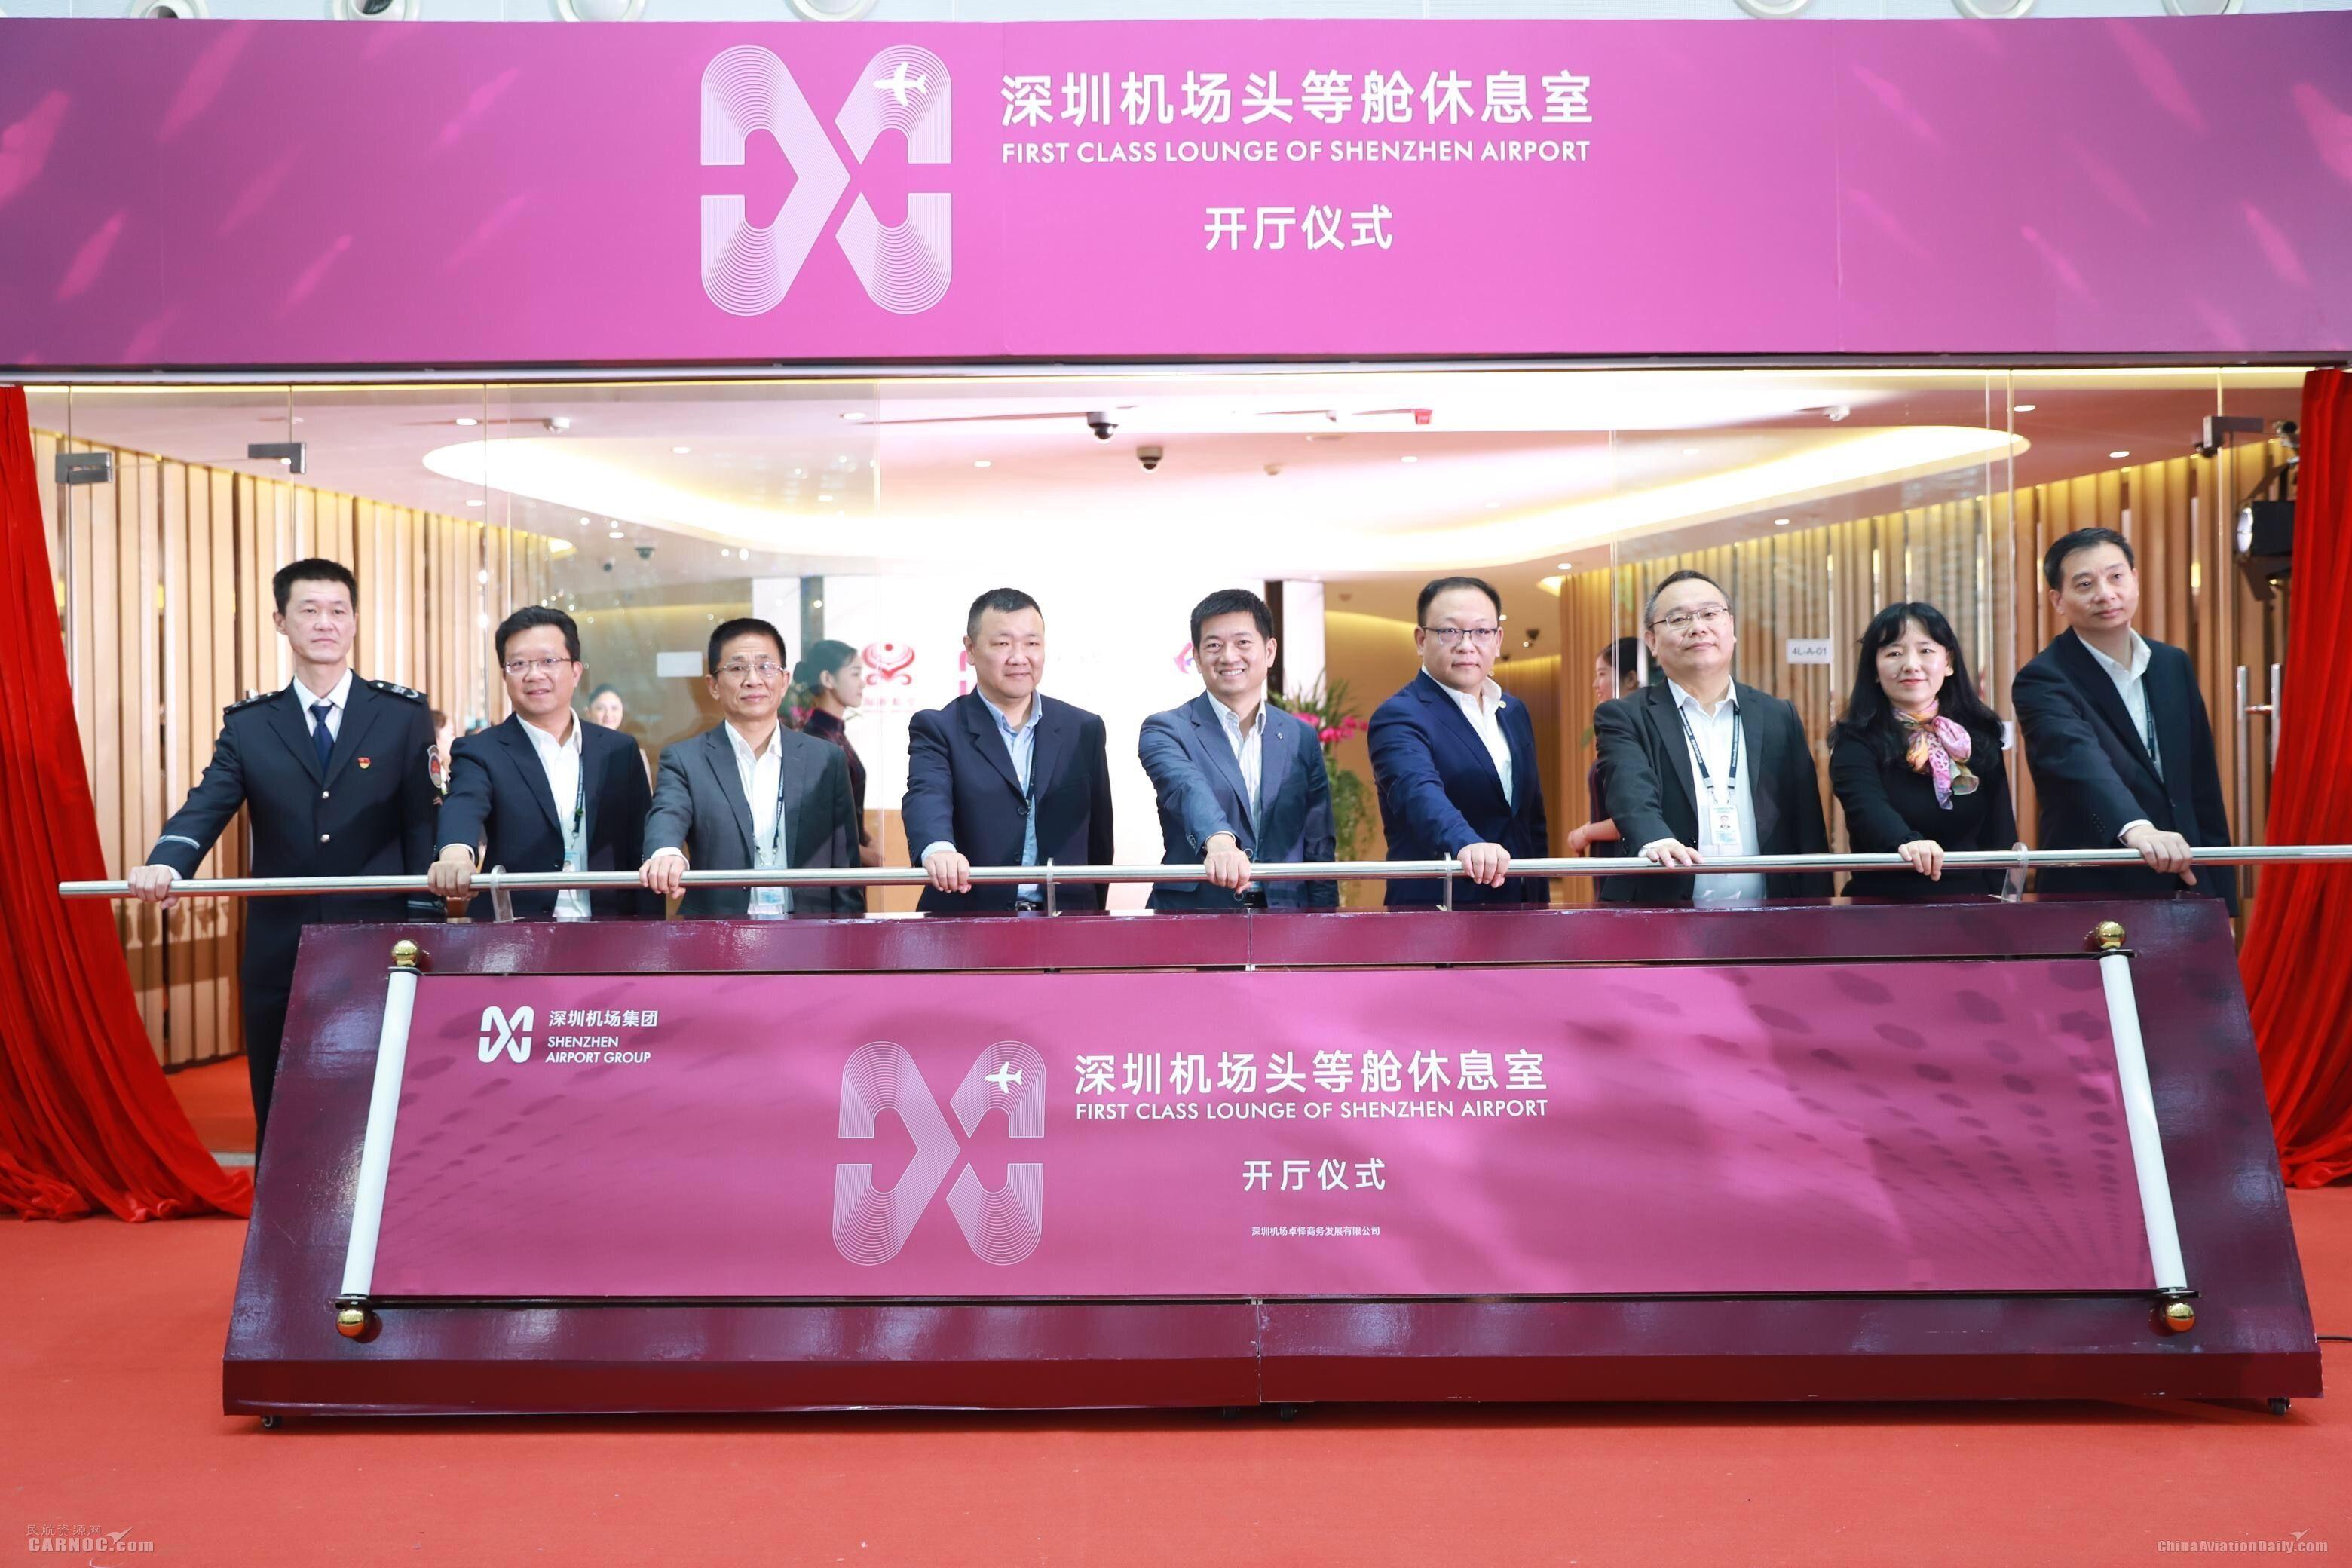 海南航空深圳机场冠名贵宾室正式开厅